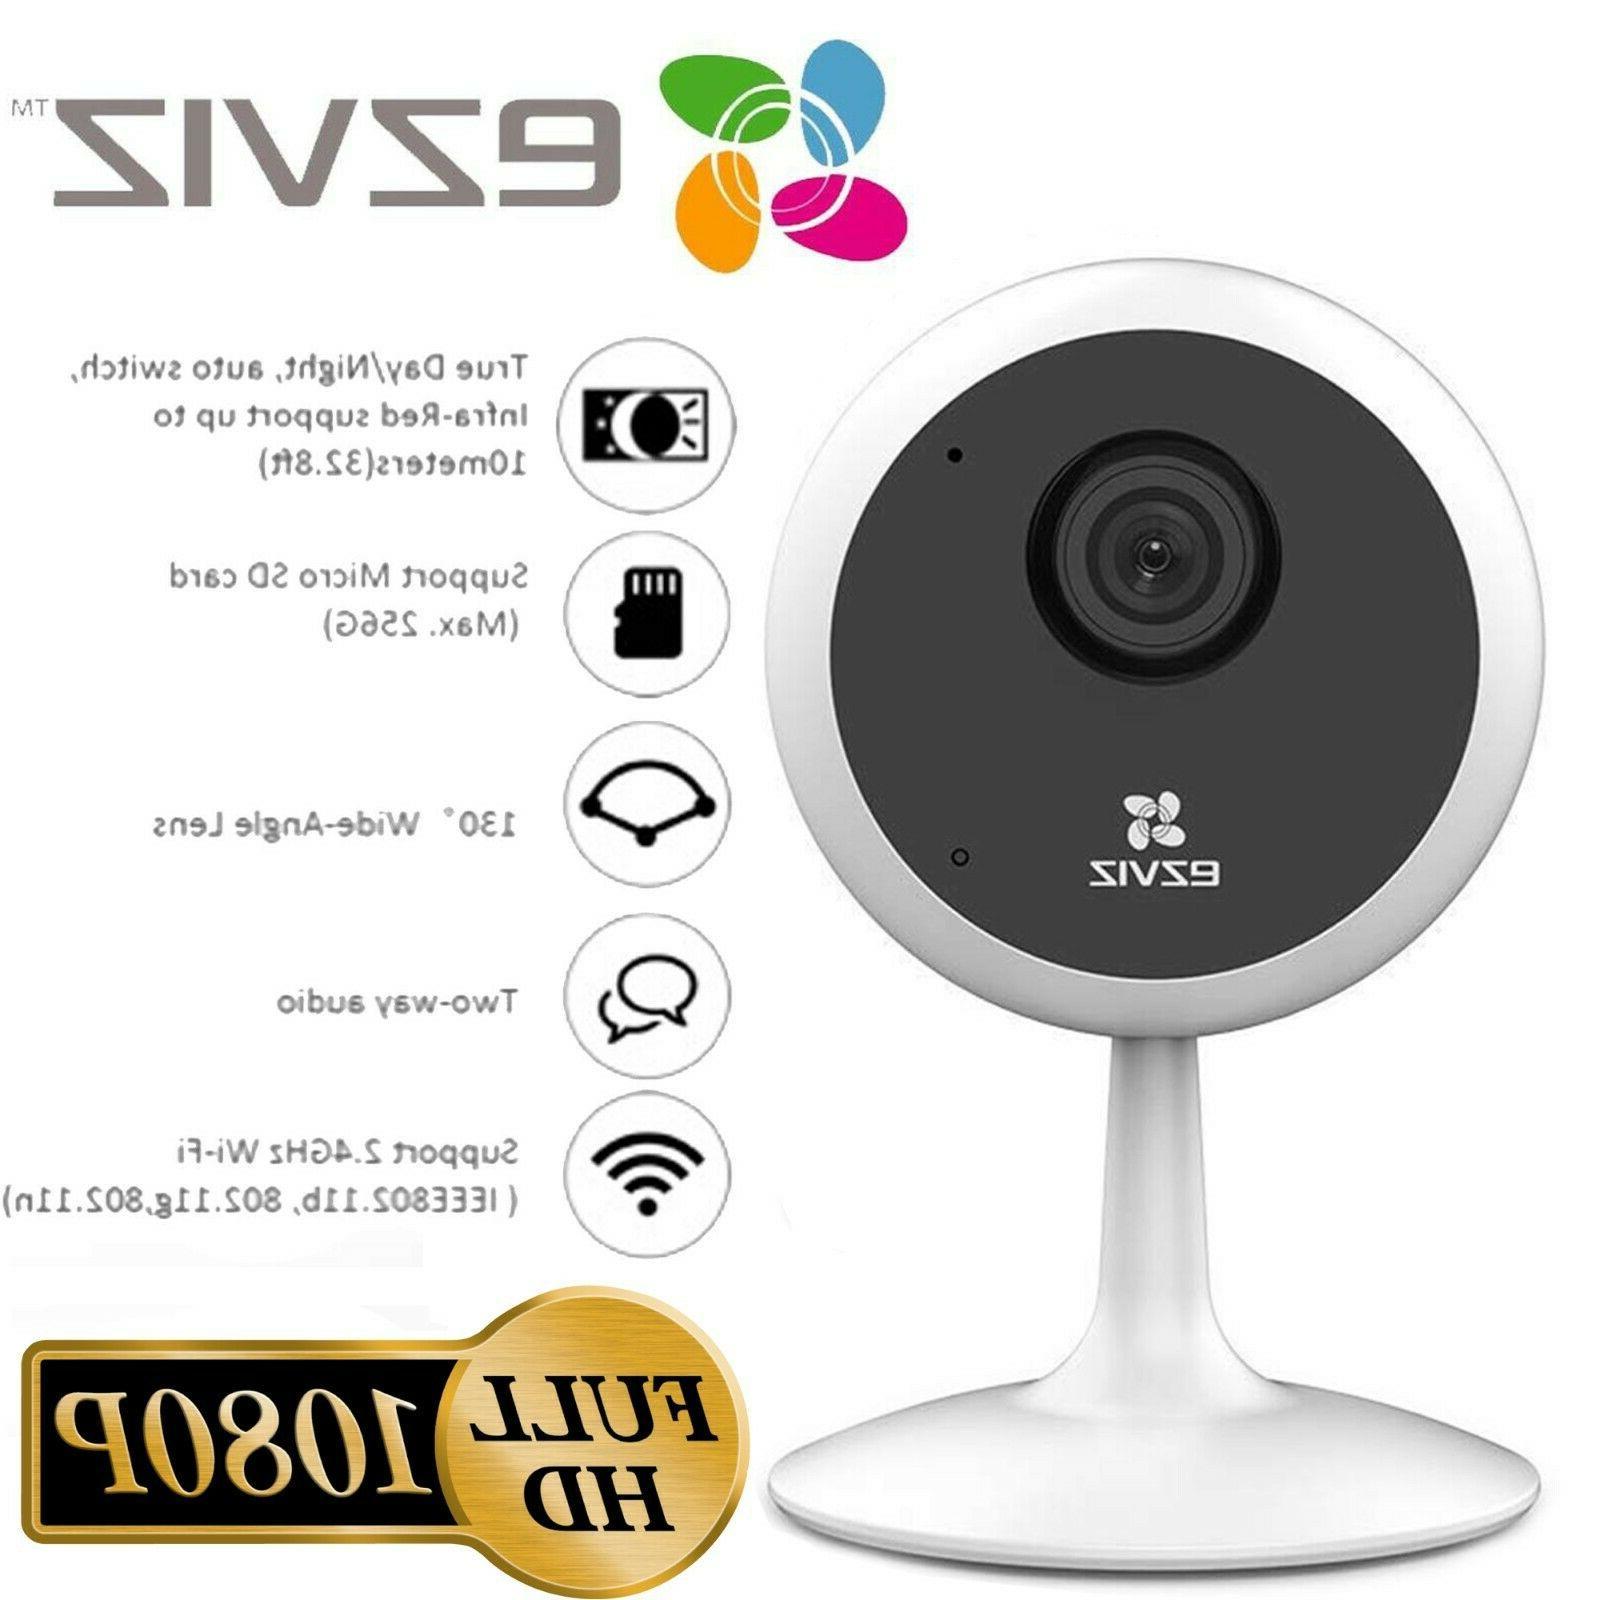 c1c 1080p indoor wi fi camera